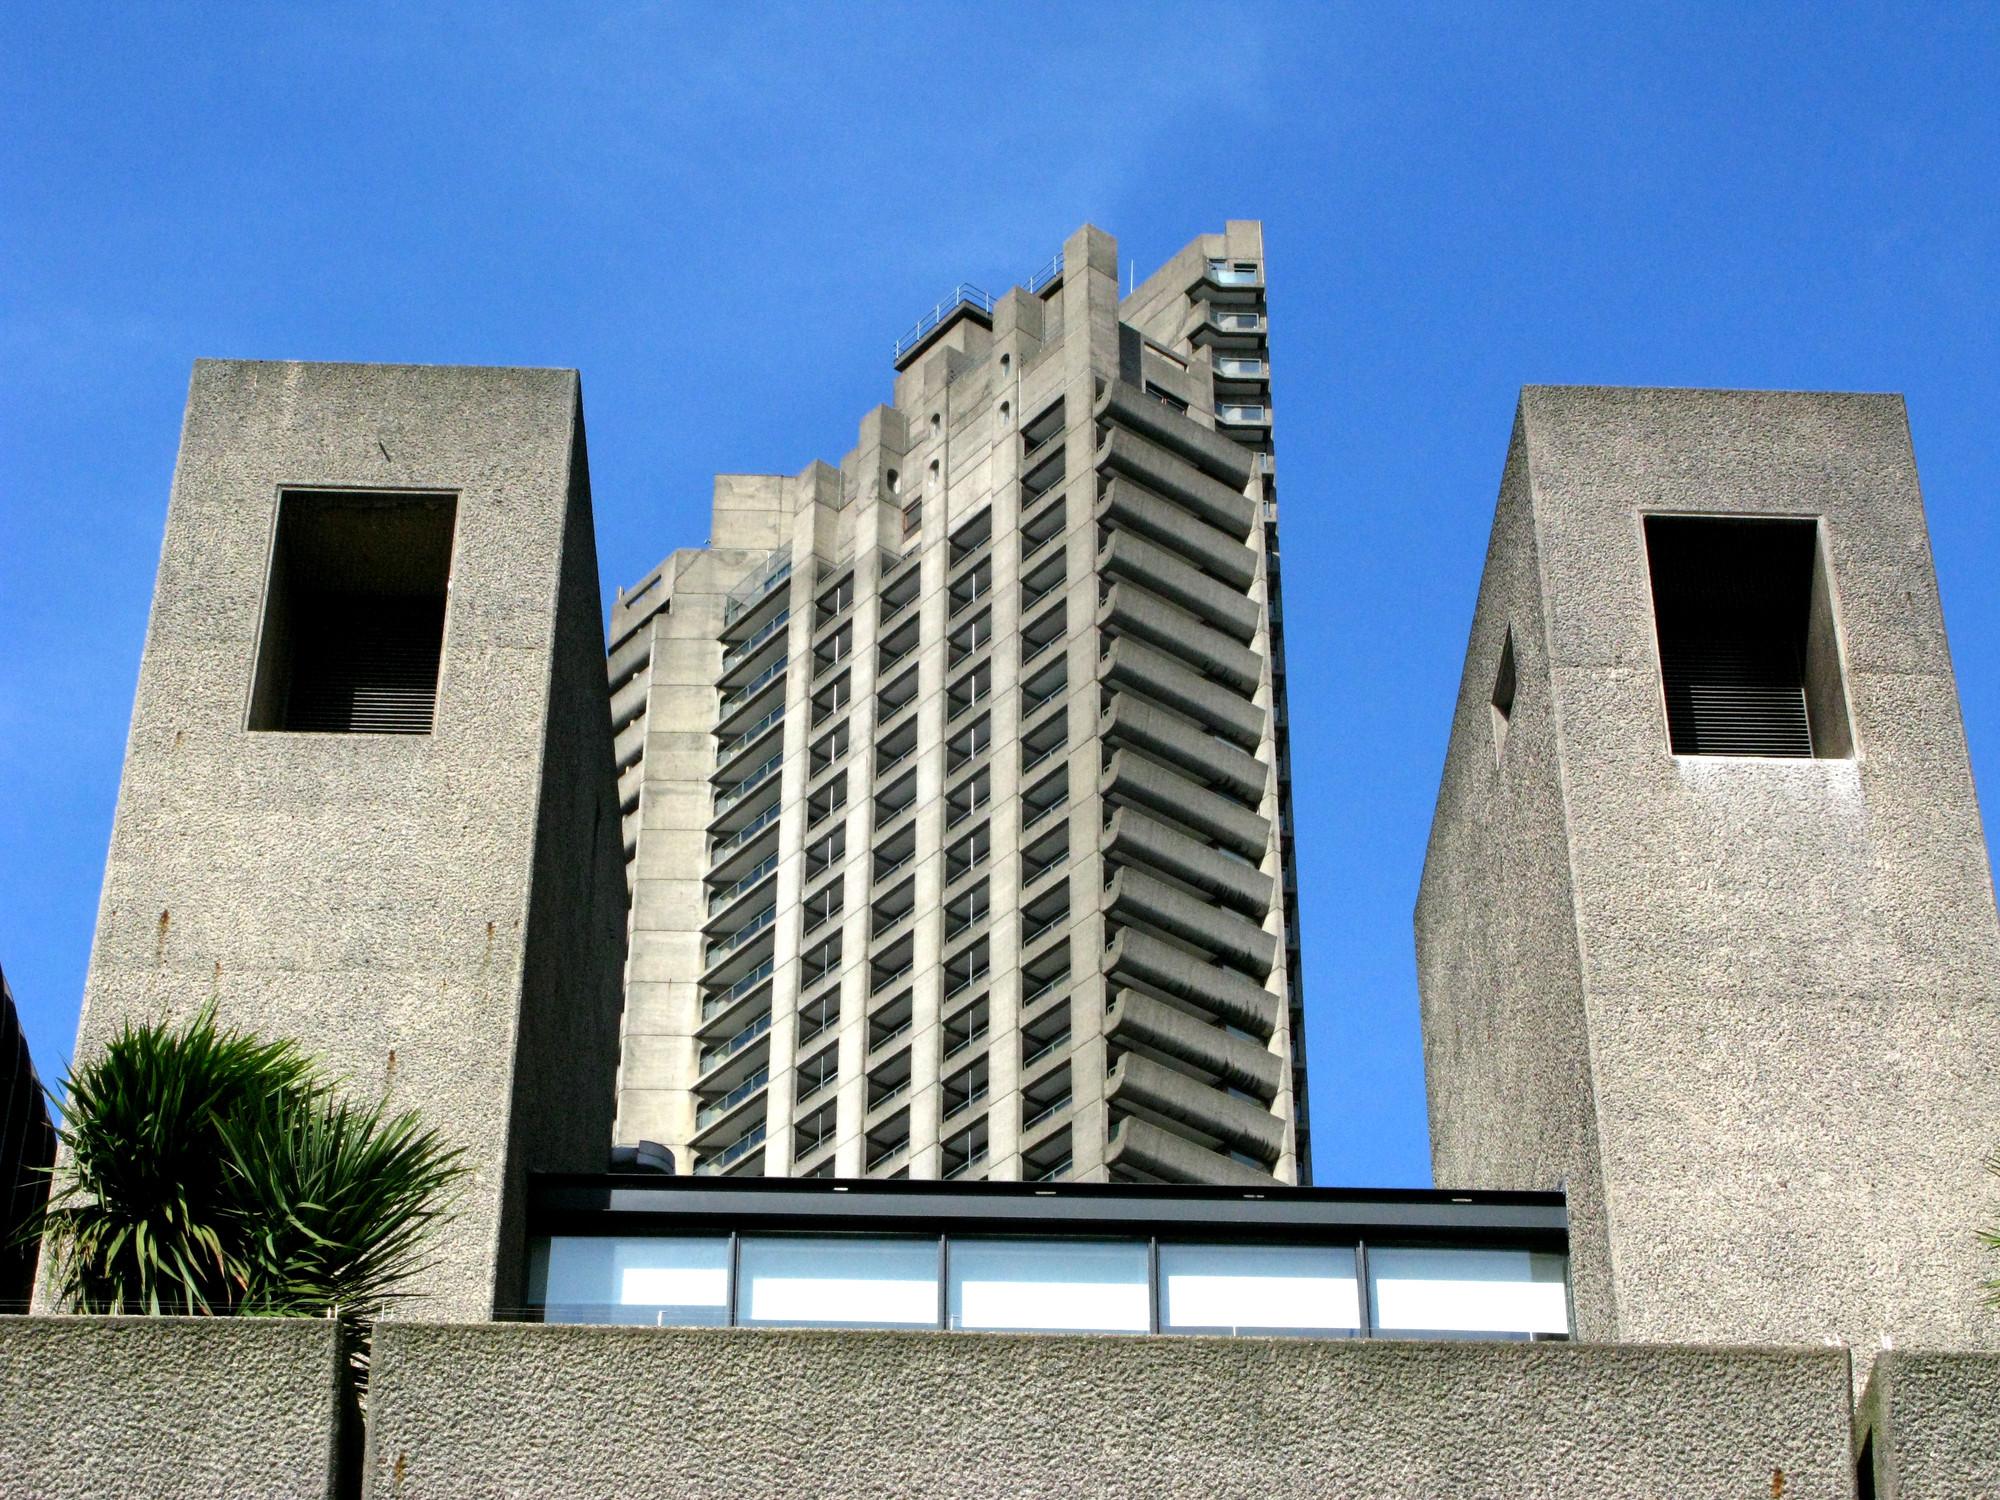 Brutalism: Back in Vogue?, The Barbican in London. Image © Flickr CC User Rene Passet